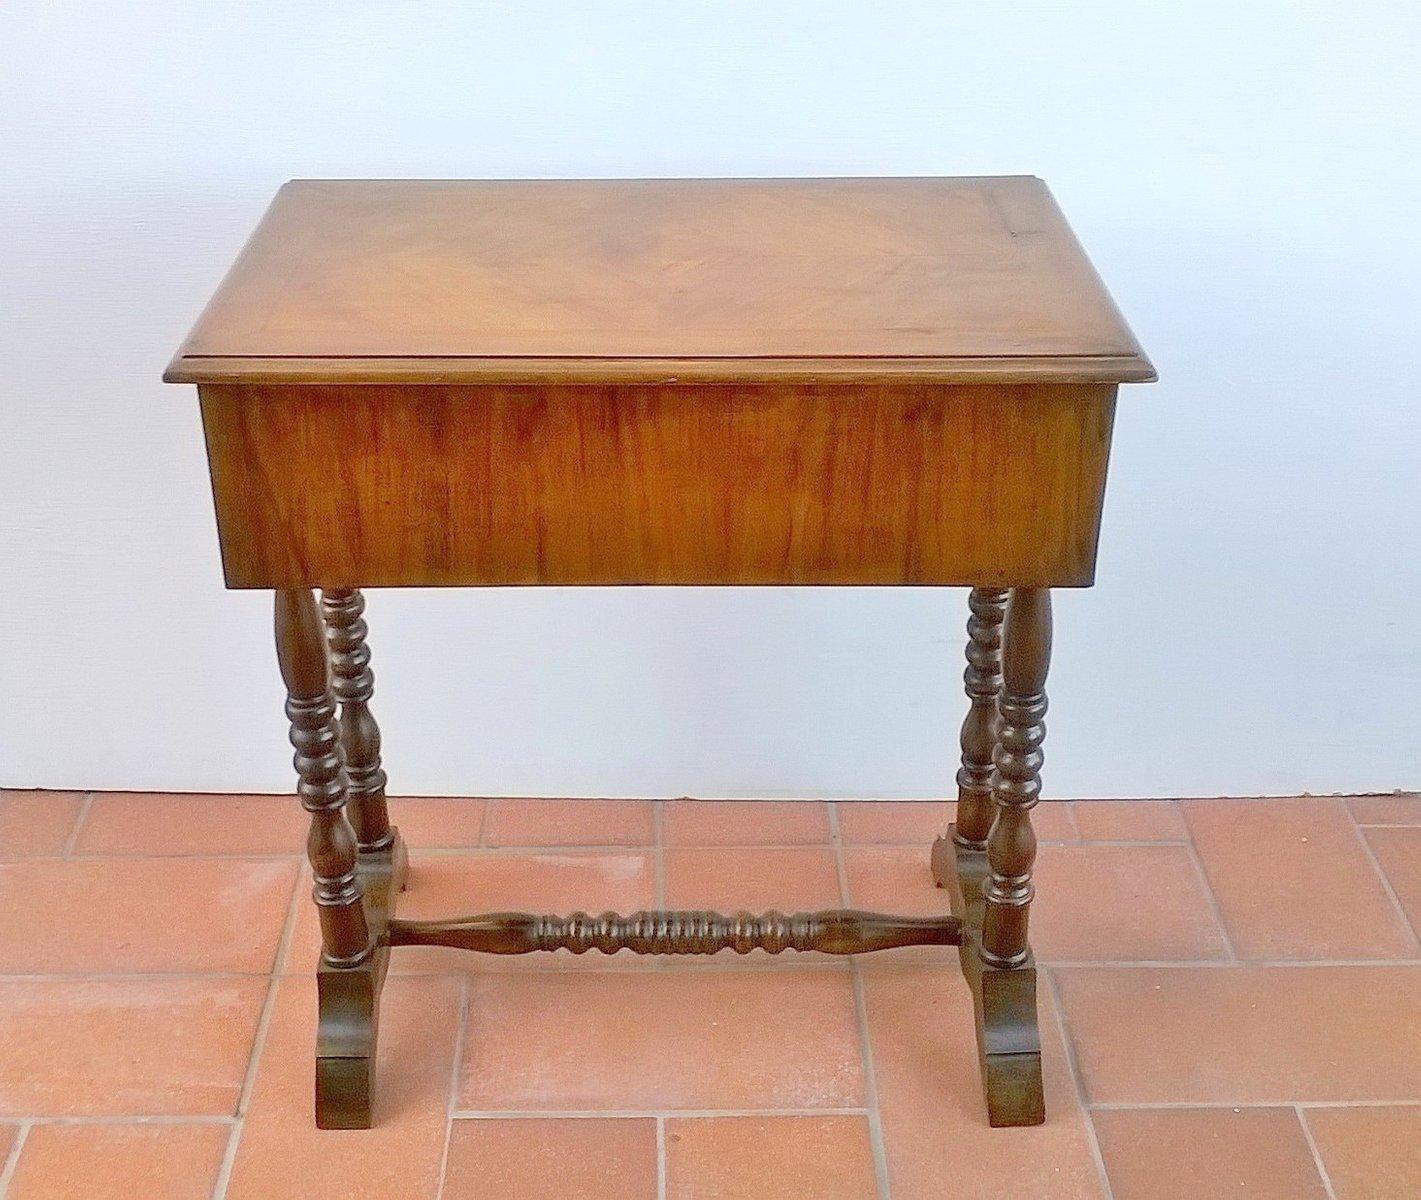 Antique Sewing Table, 1890s - Antique Sewing Table, 1890s For Sale At Pamono